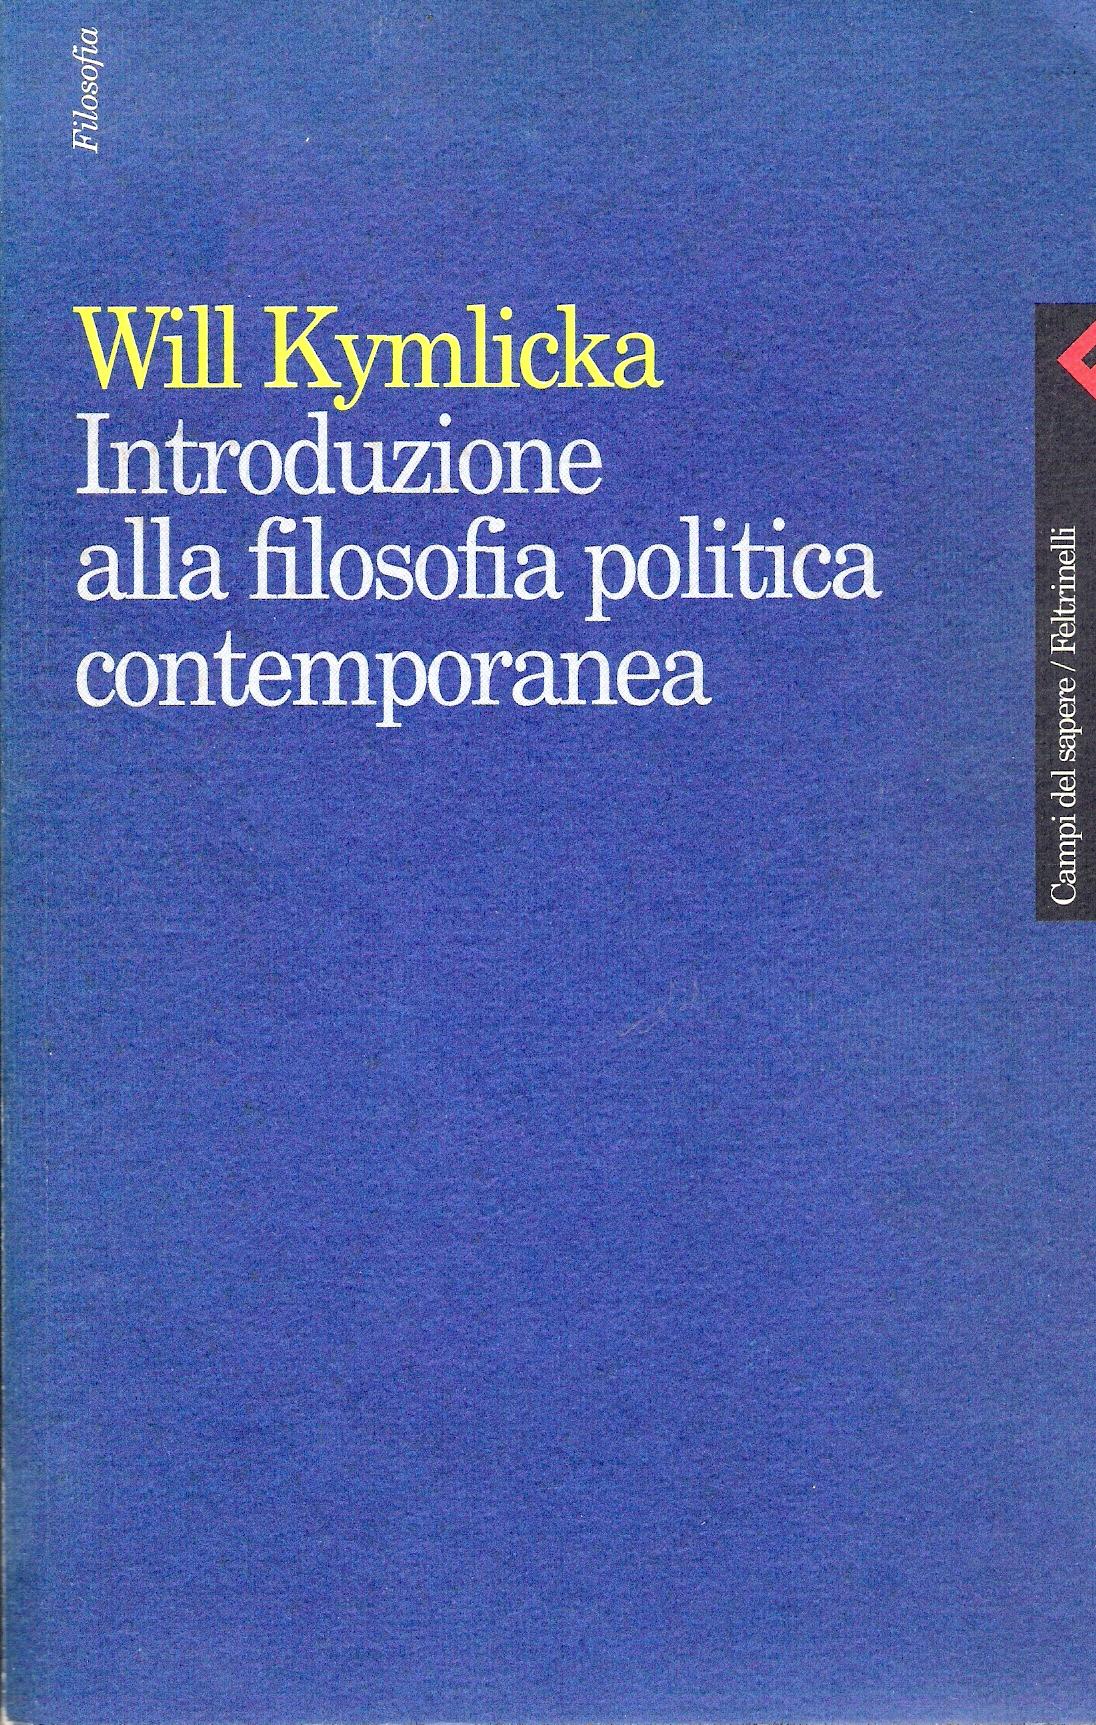 Introduzione alla filosofia politica contemporanea